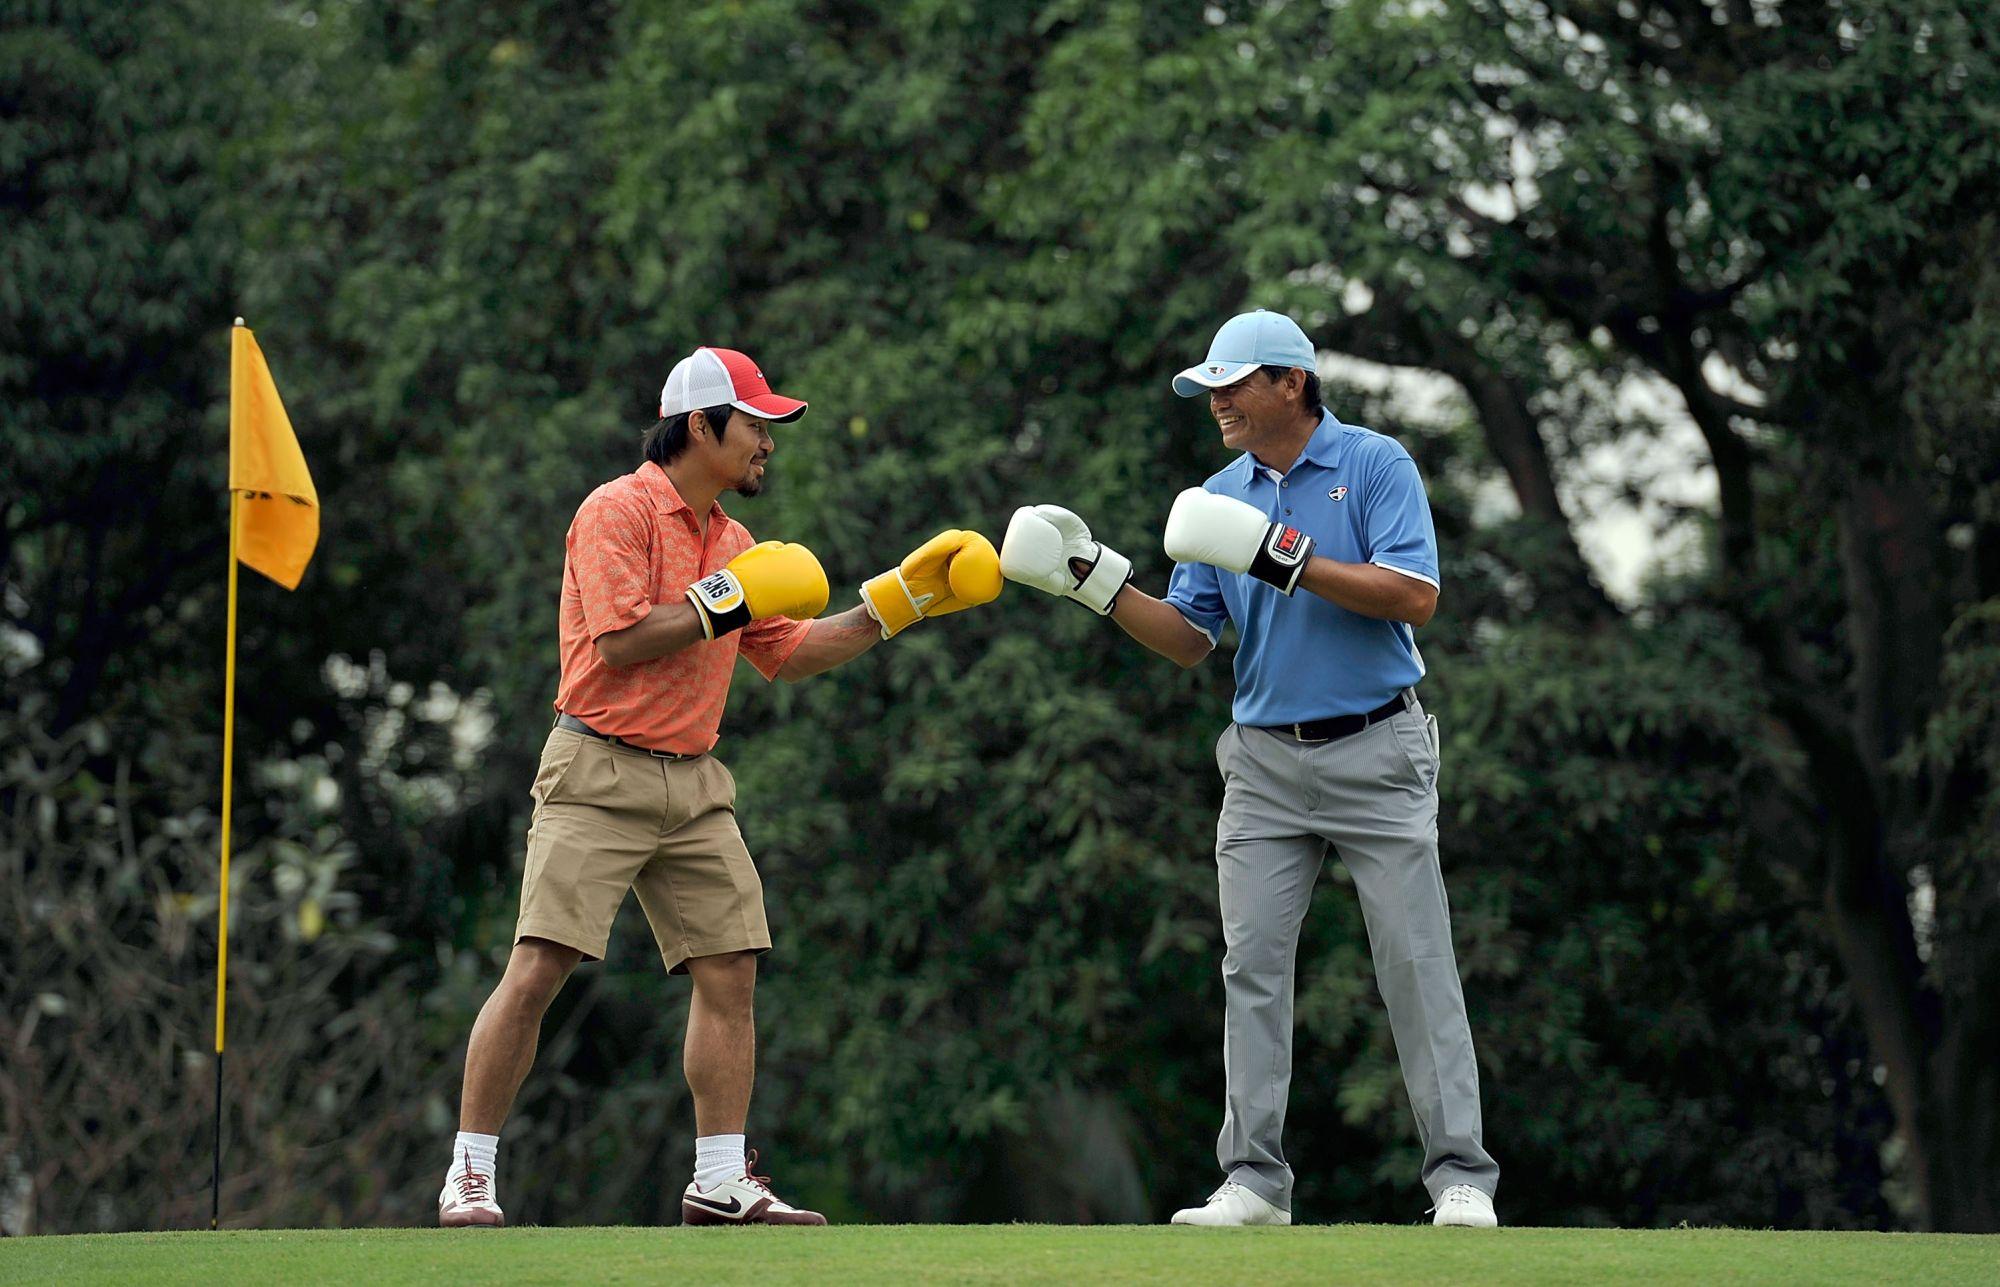 IPO Manny Pacquiao and Frankie Minoza (right)